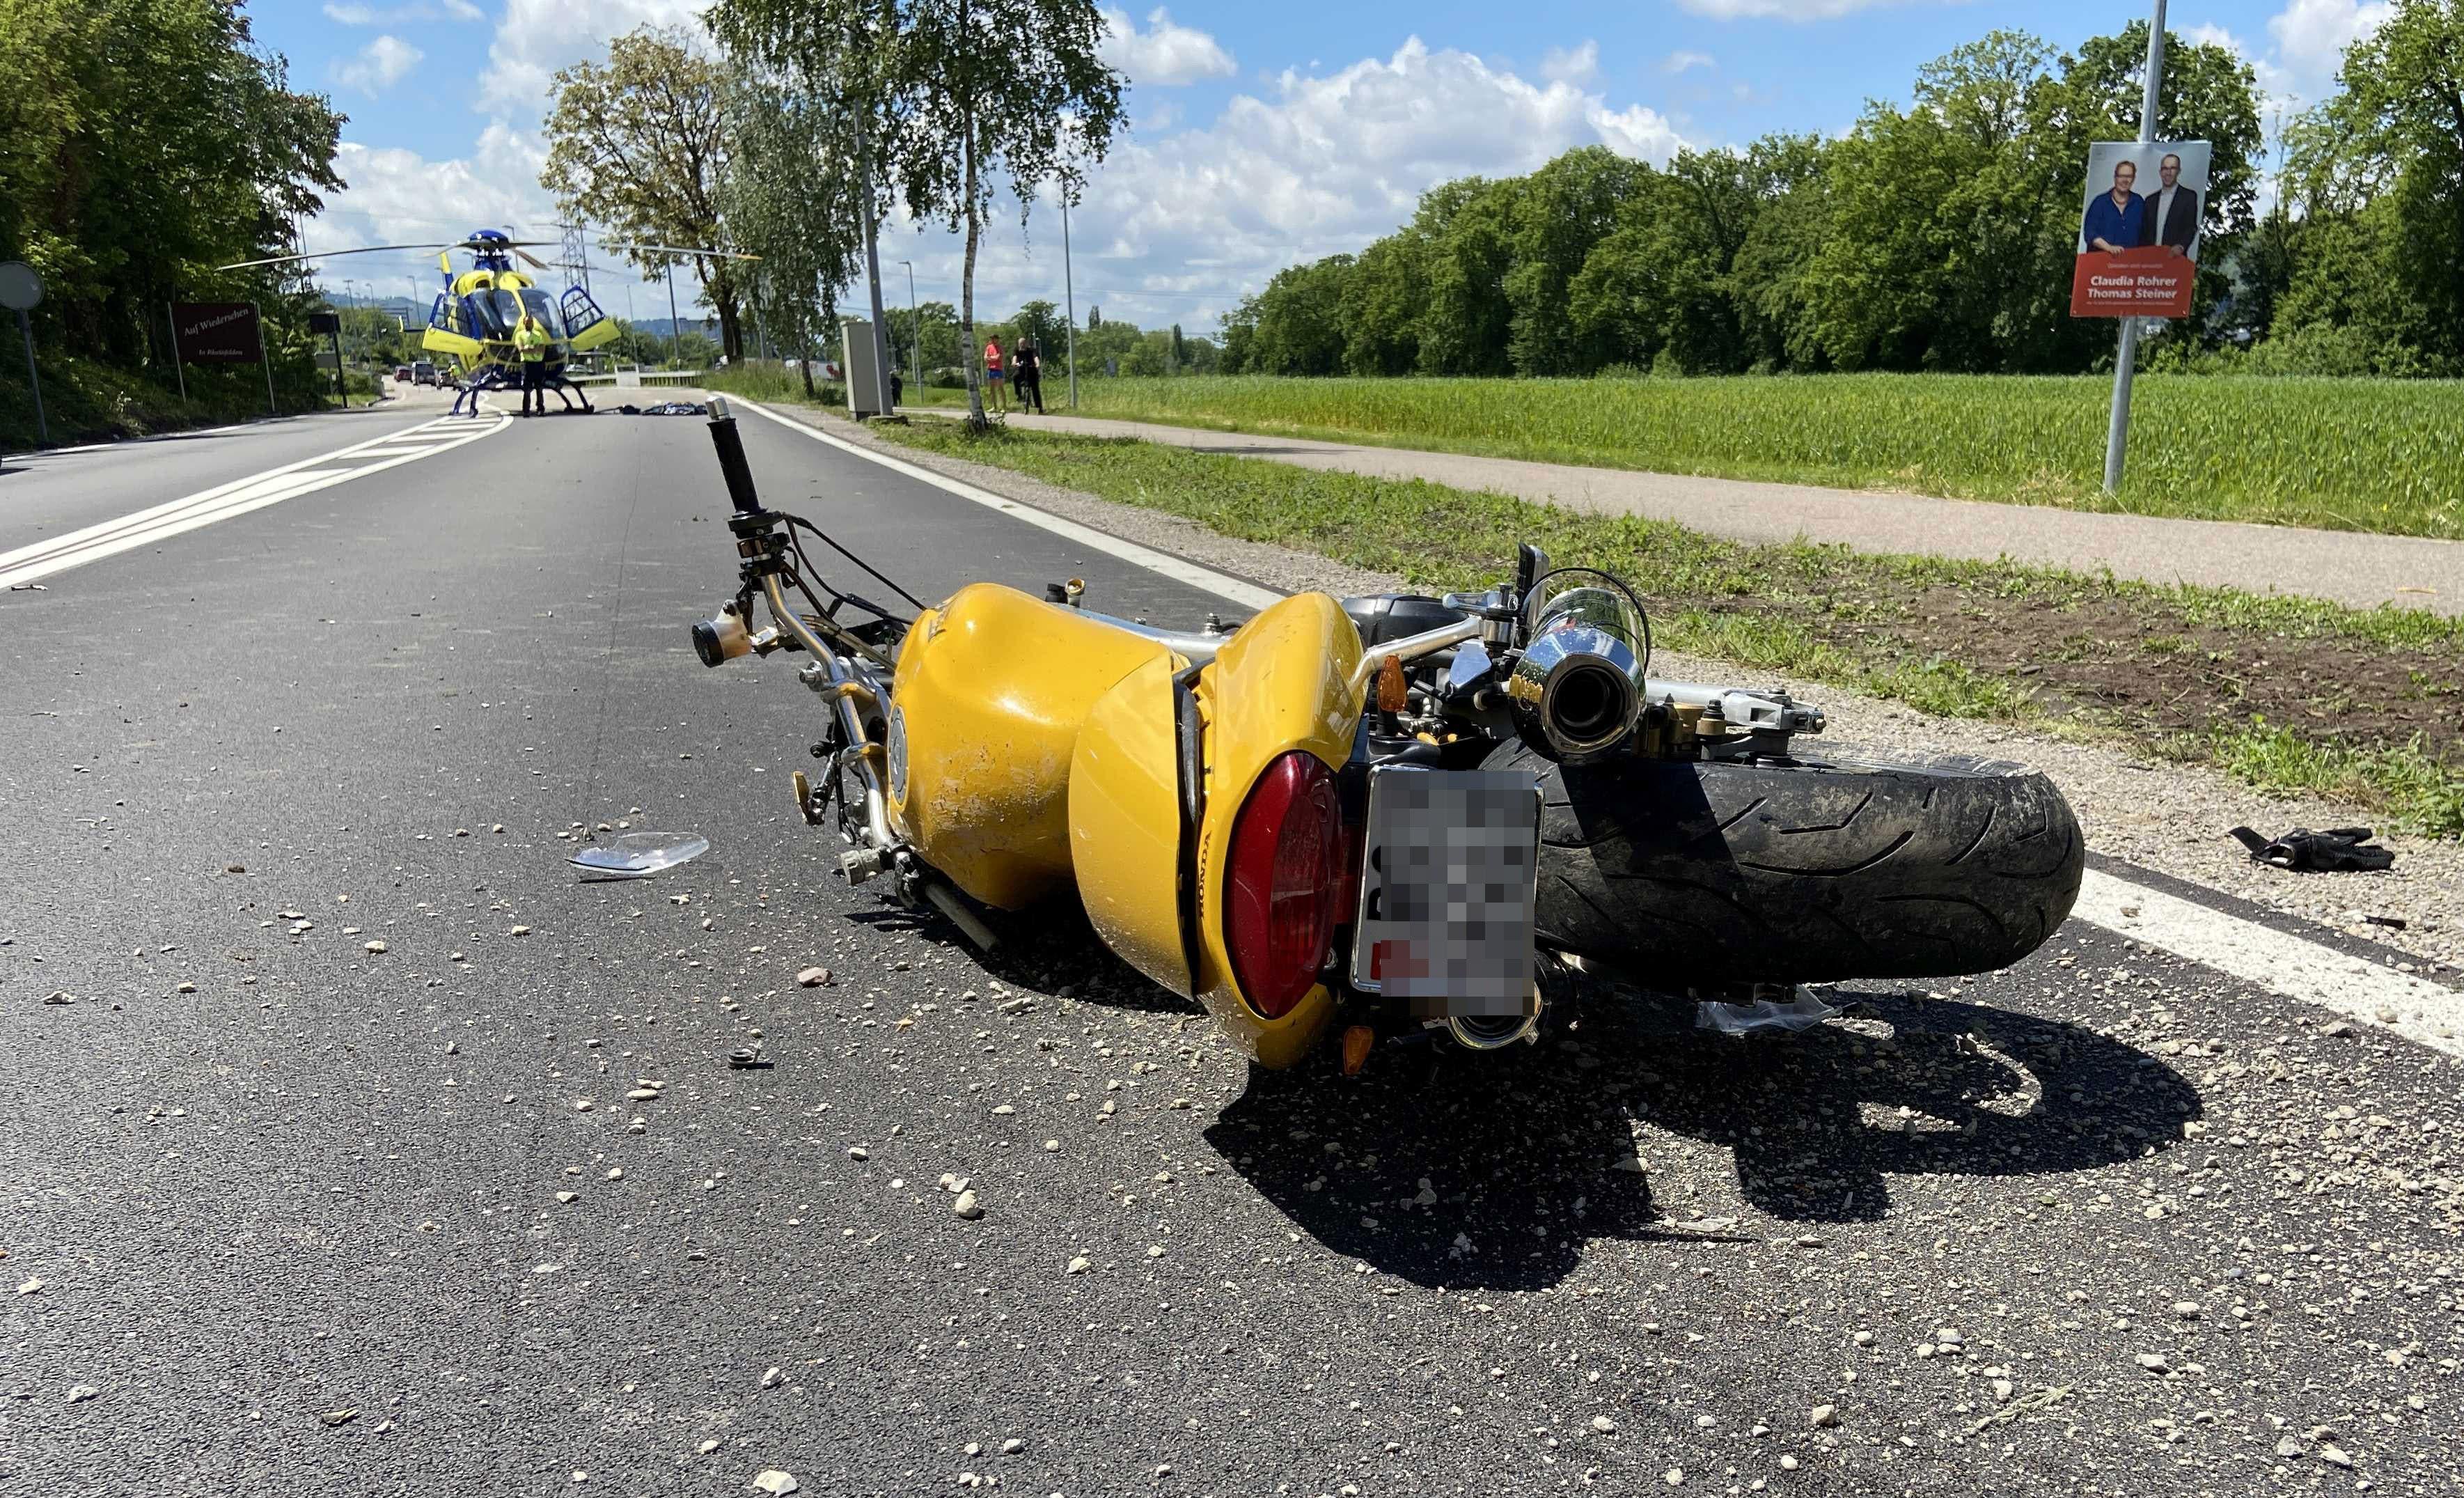 Rheinfelden AG, 27. Mai: Bei einem Überholmanöver kommt ein Töfffahrer zu Fall und wird schwer verletzt.